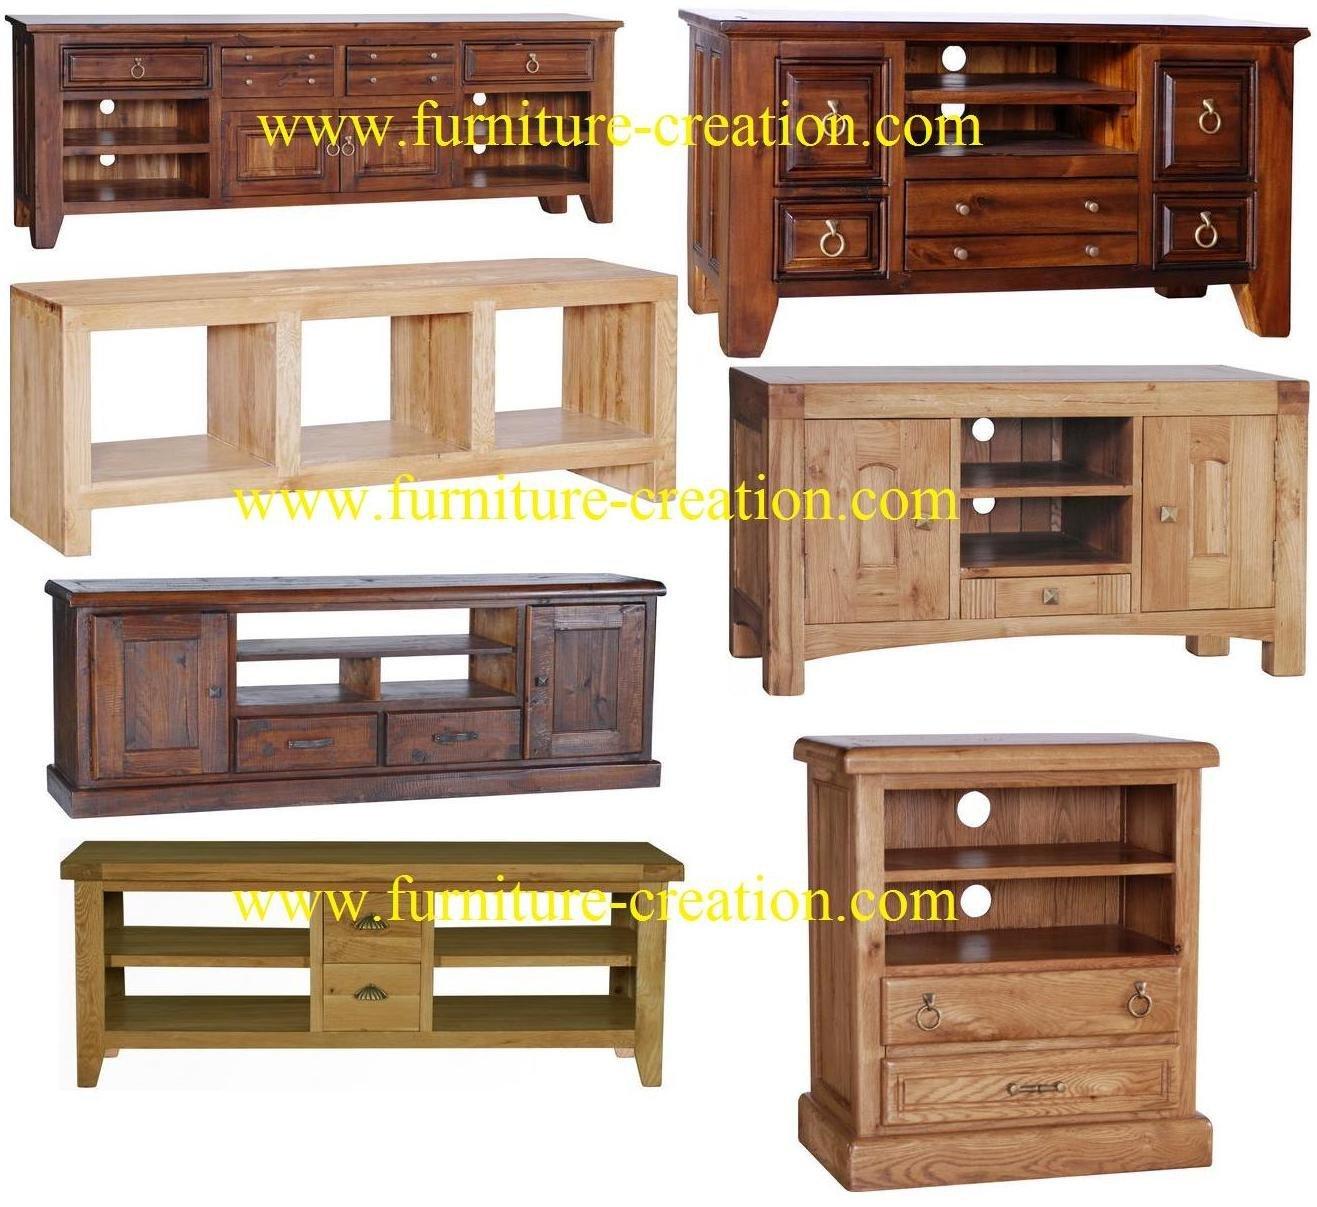 Muebles madera fotos 20170904111439 for Fotos de muebles